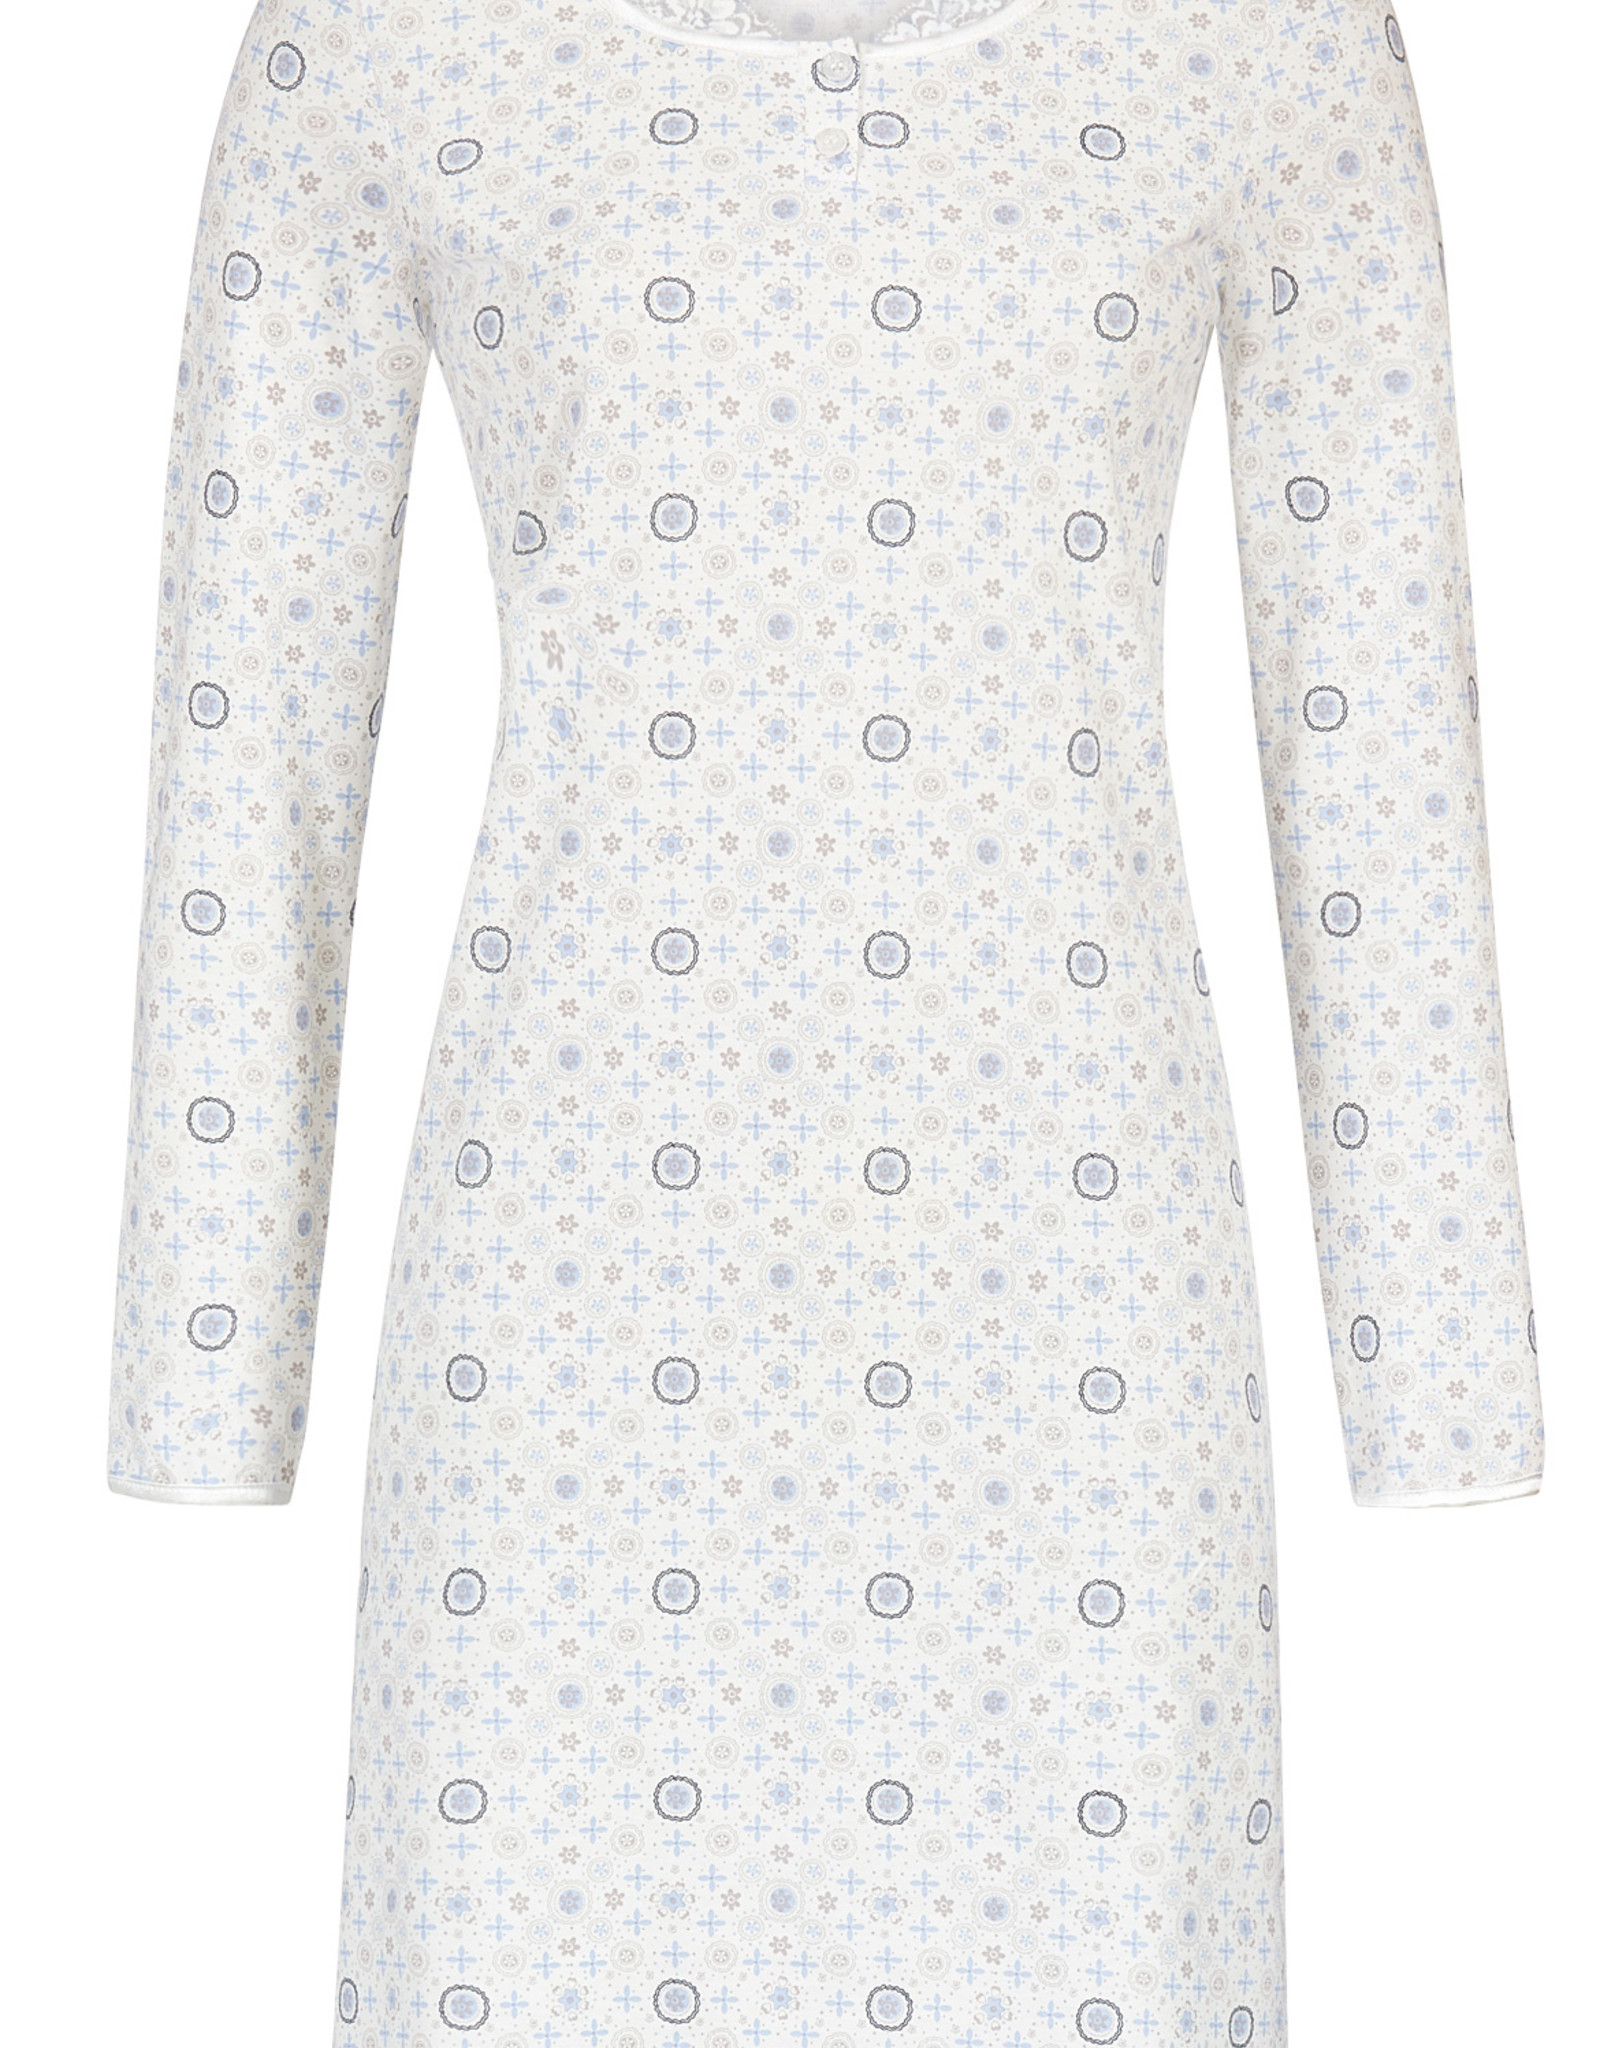 Ringella Dames nachthemd lange mouw, 9511020-226